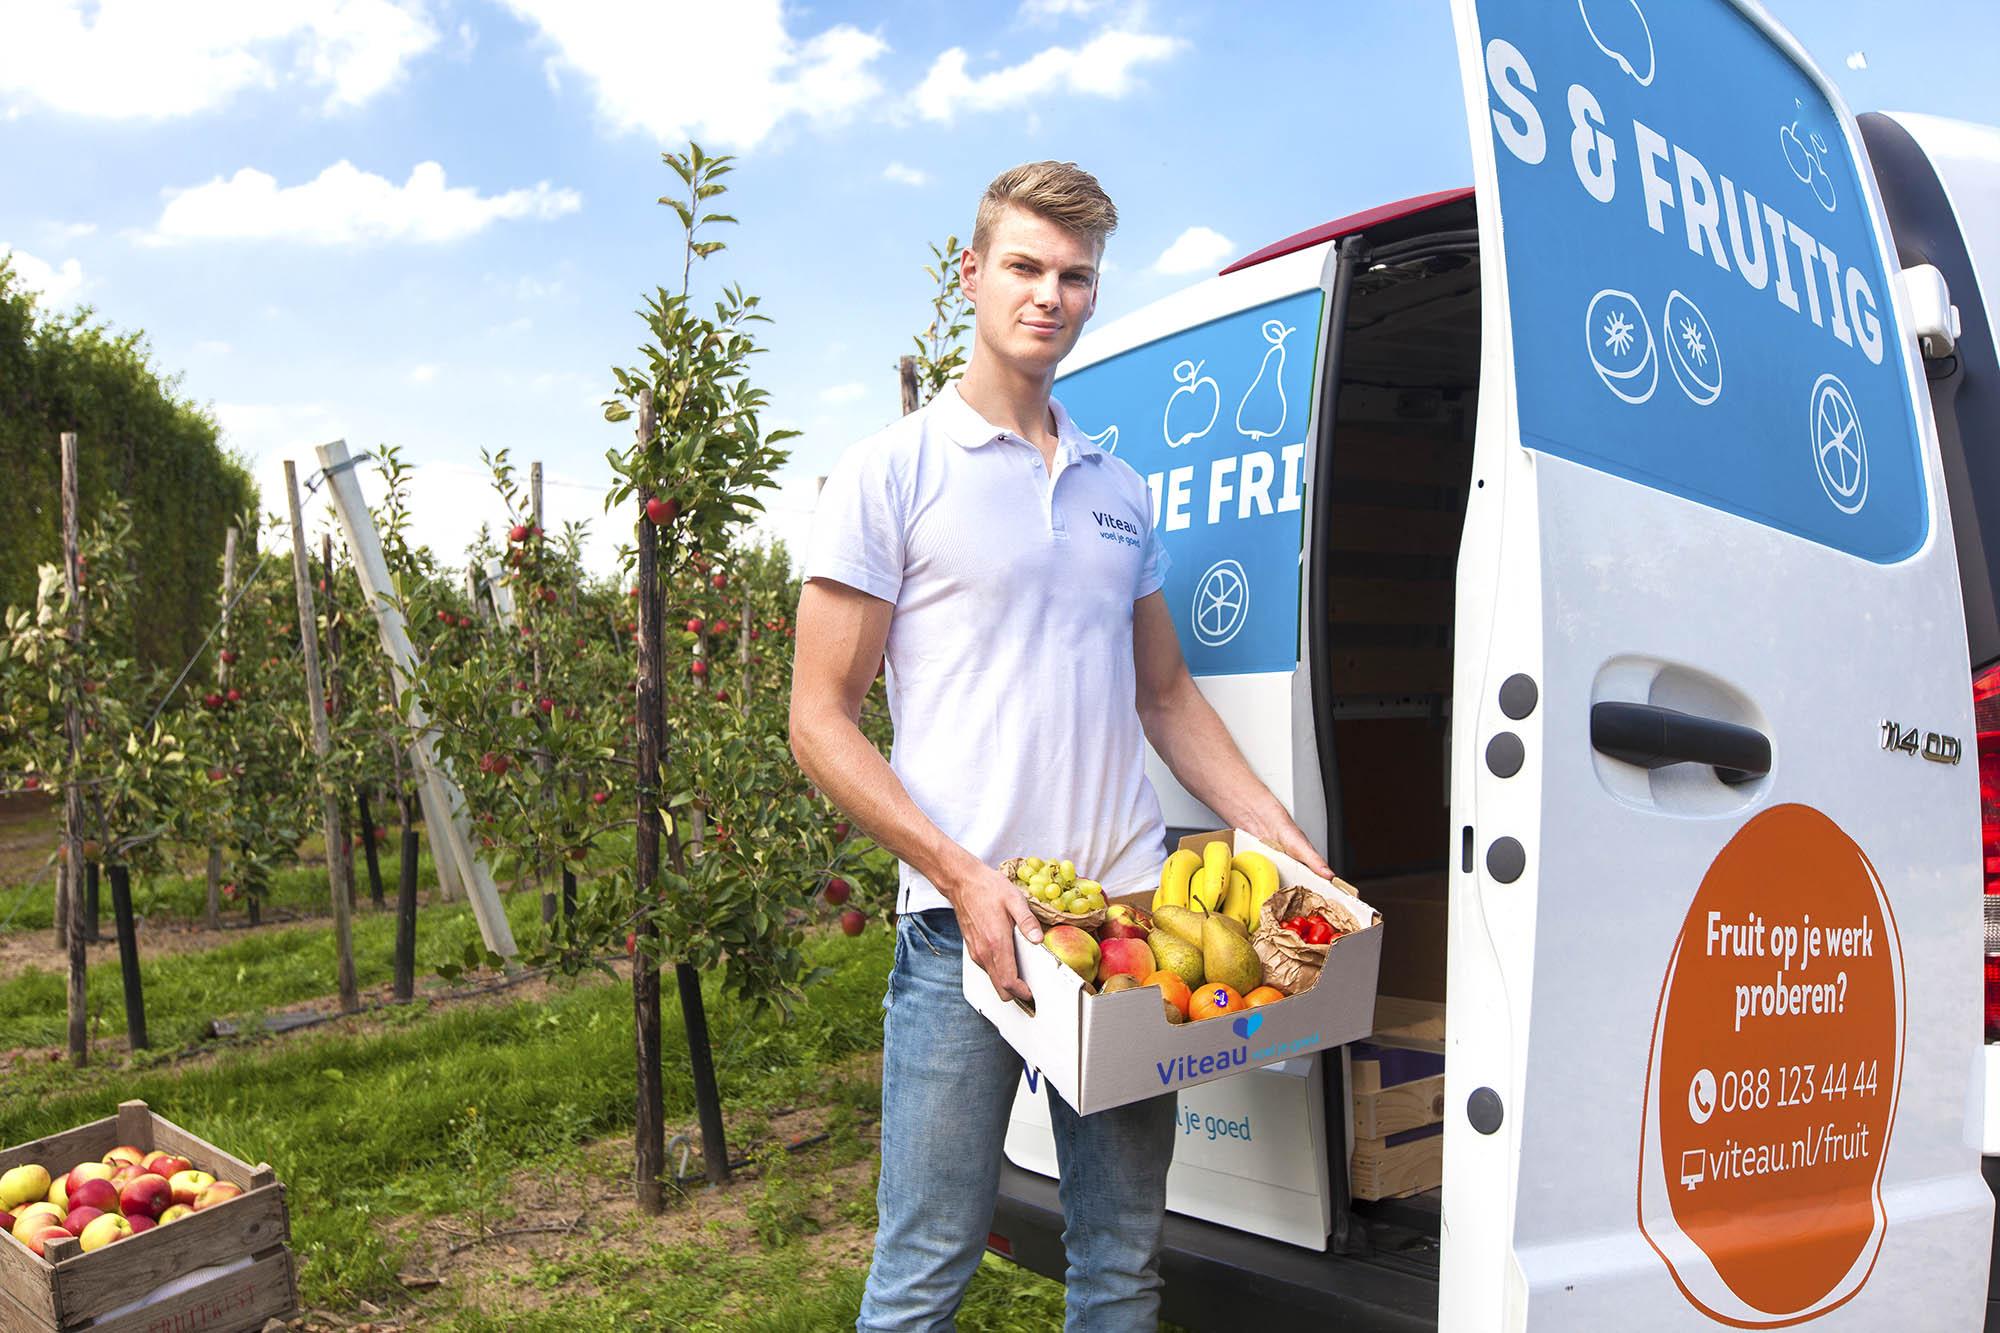 Viteau fruitlevering op het werk